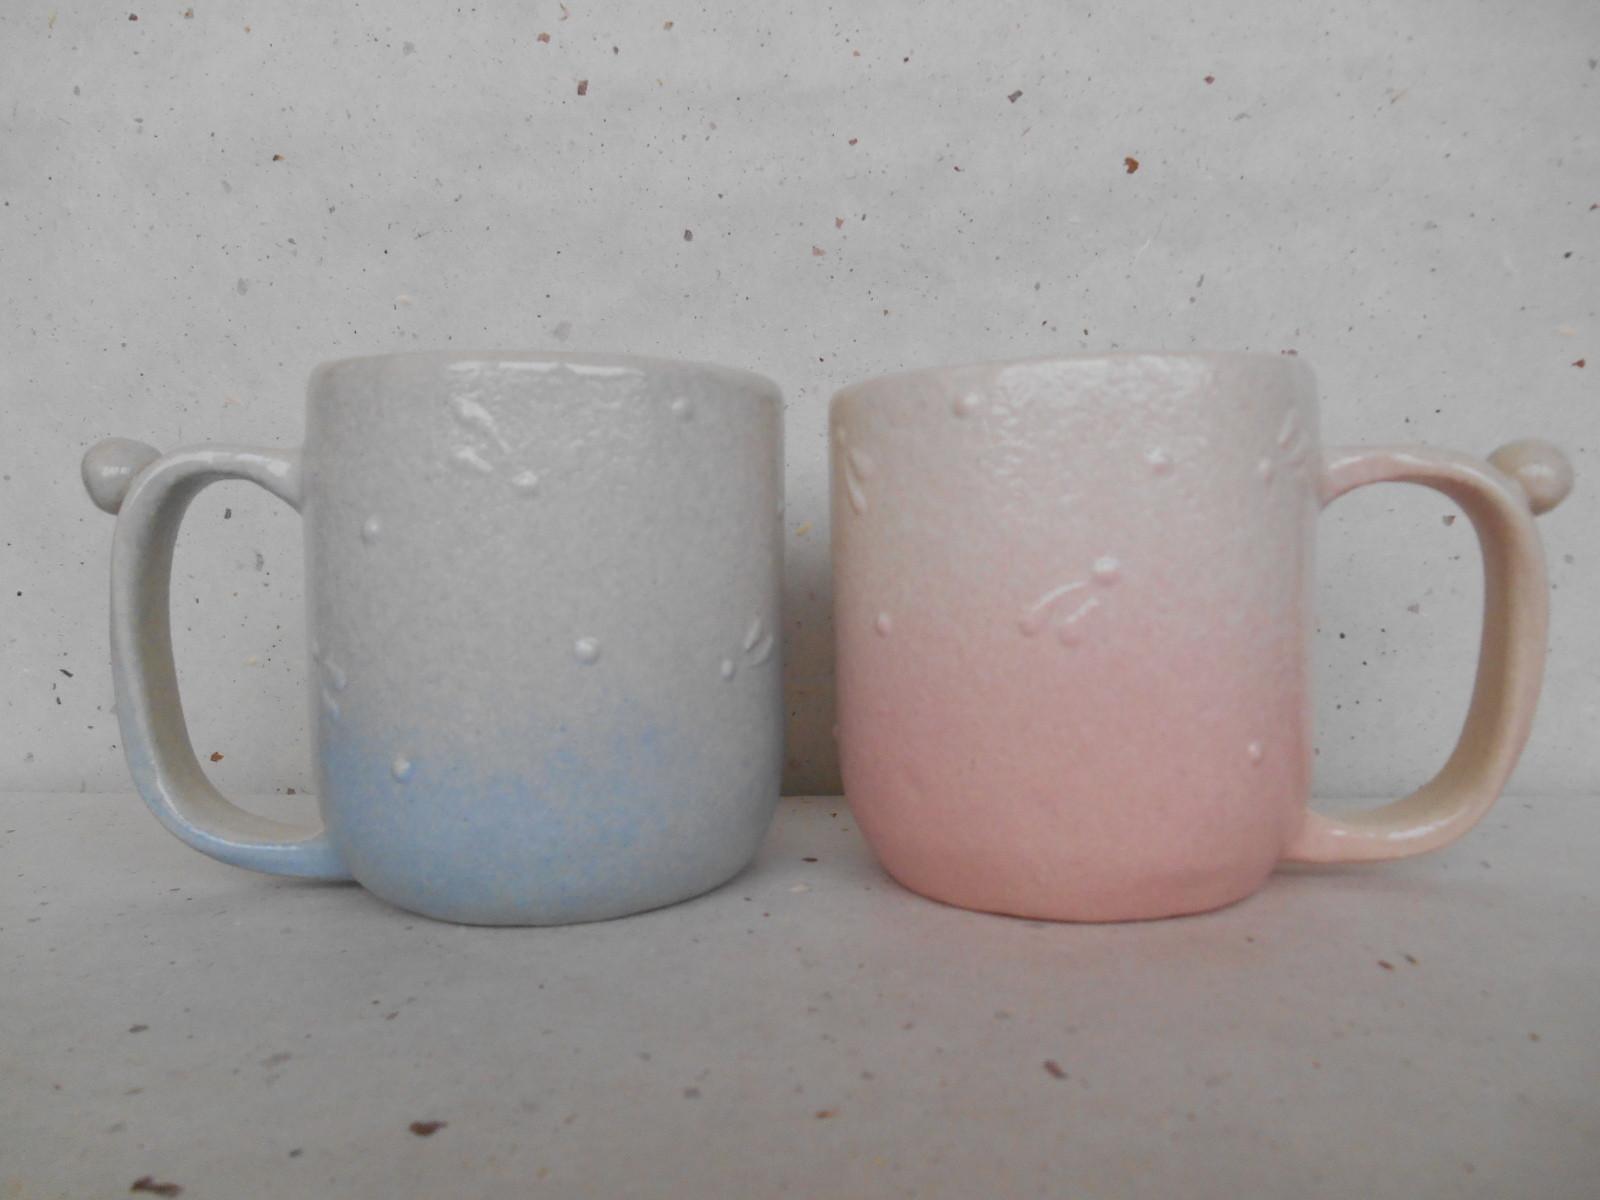 ビックリ・シリーズのマグカップ。大き目サイズでたっぷり入る。